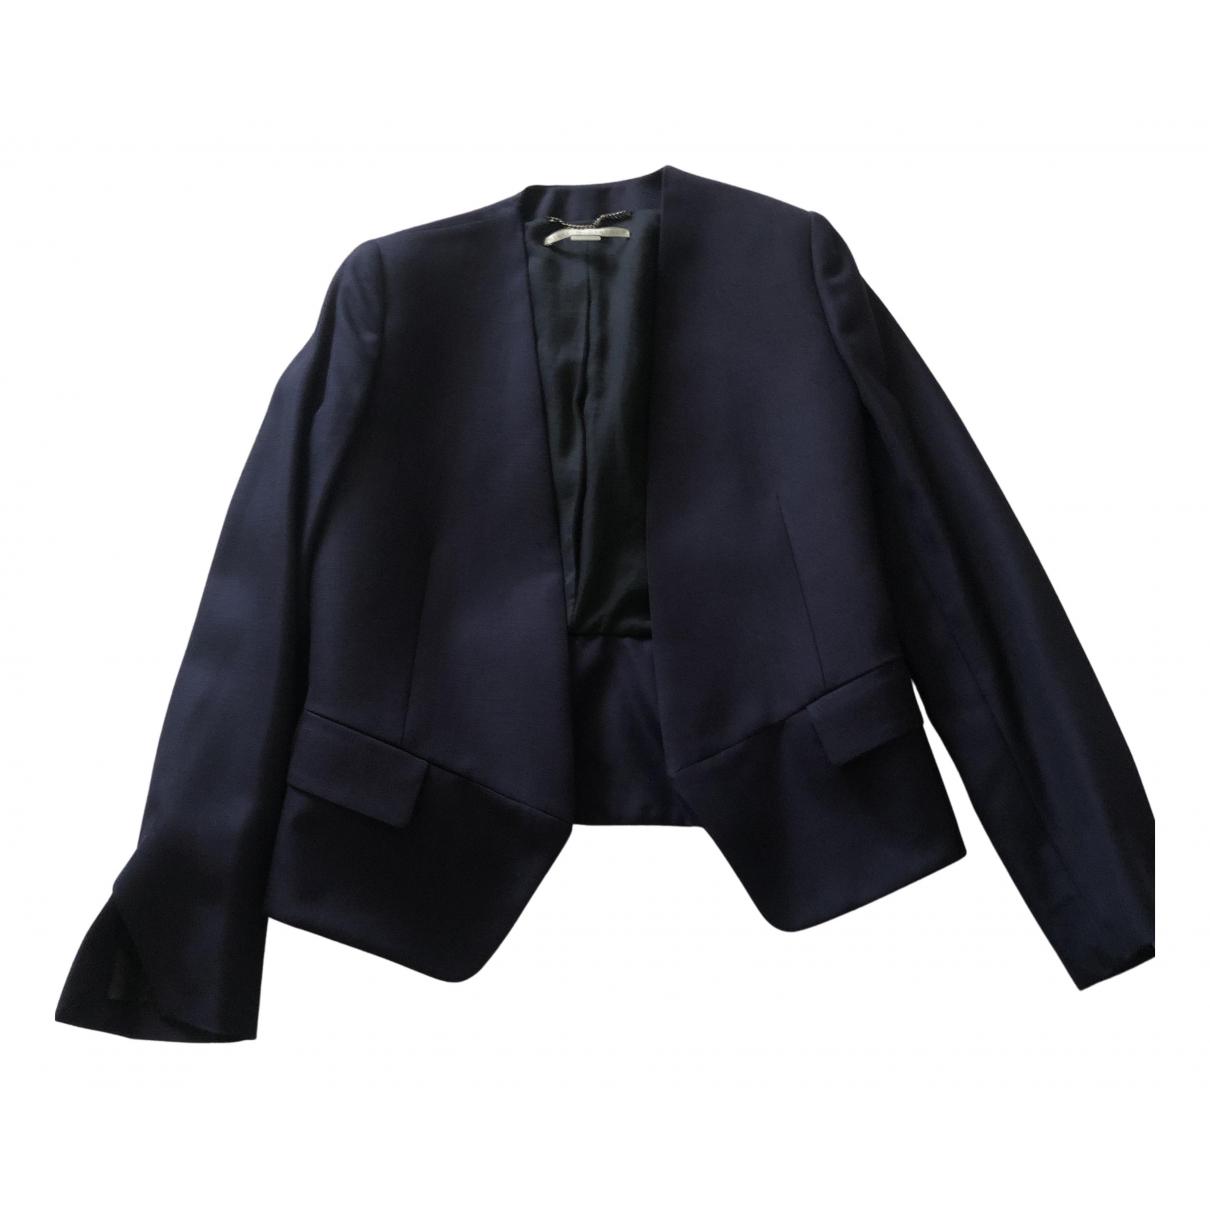 Stella Mccartney N Navy Linen jacket for Women 38 IT